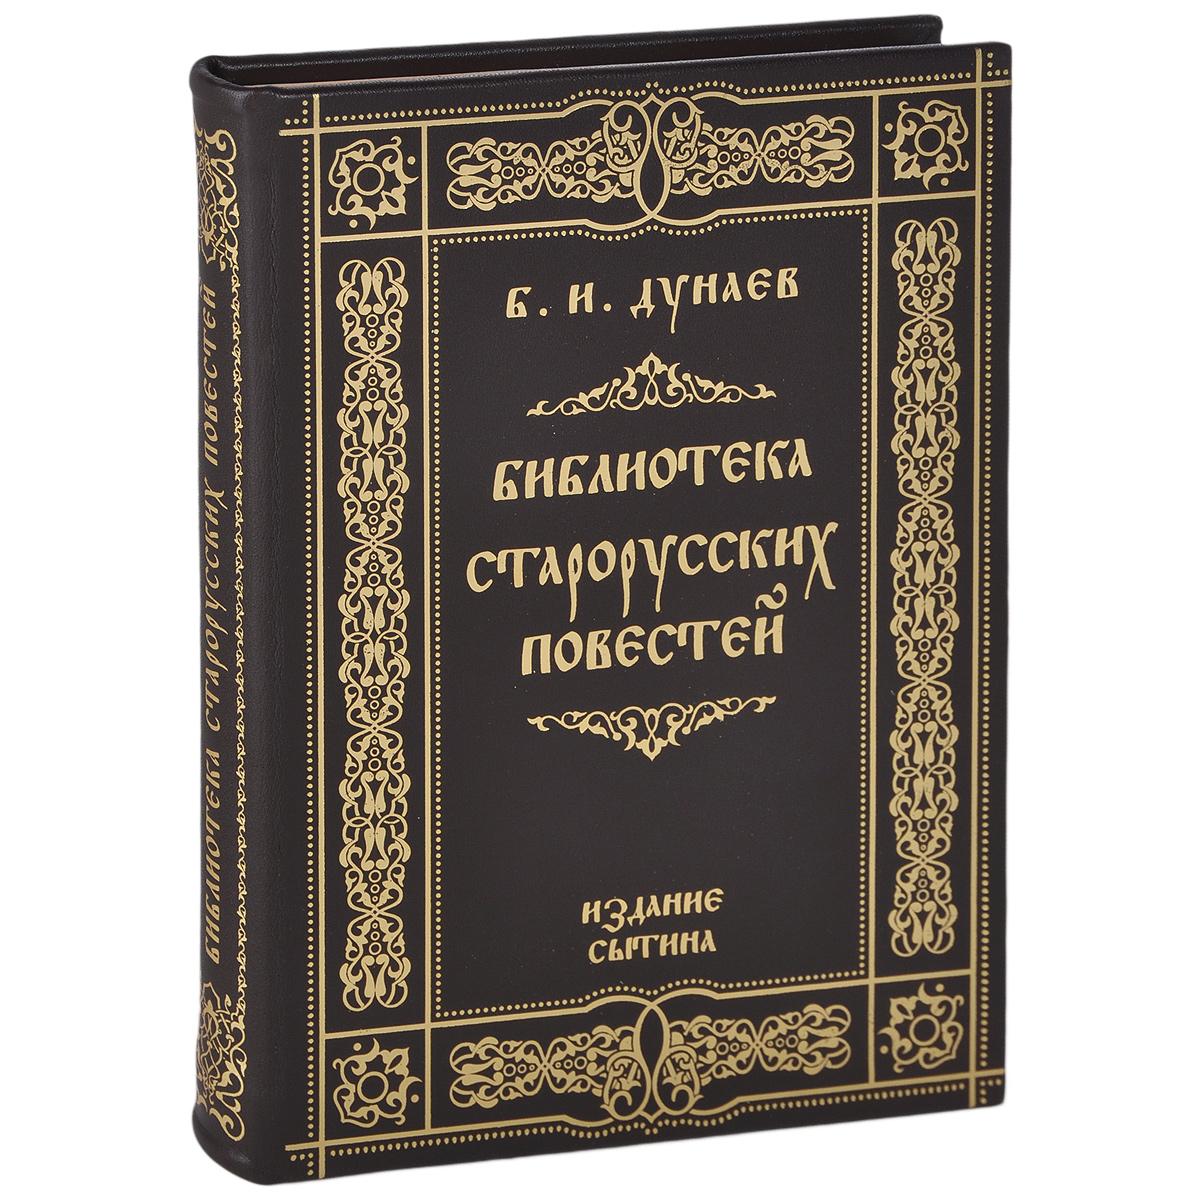 Библиотека старорусских повестей (подарочное издание)